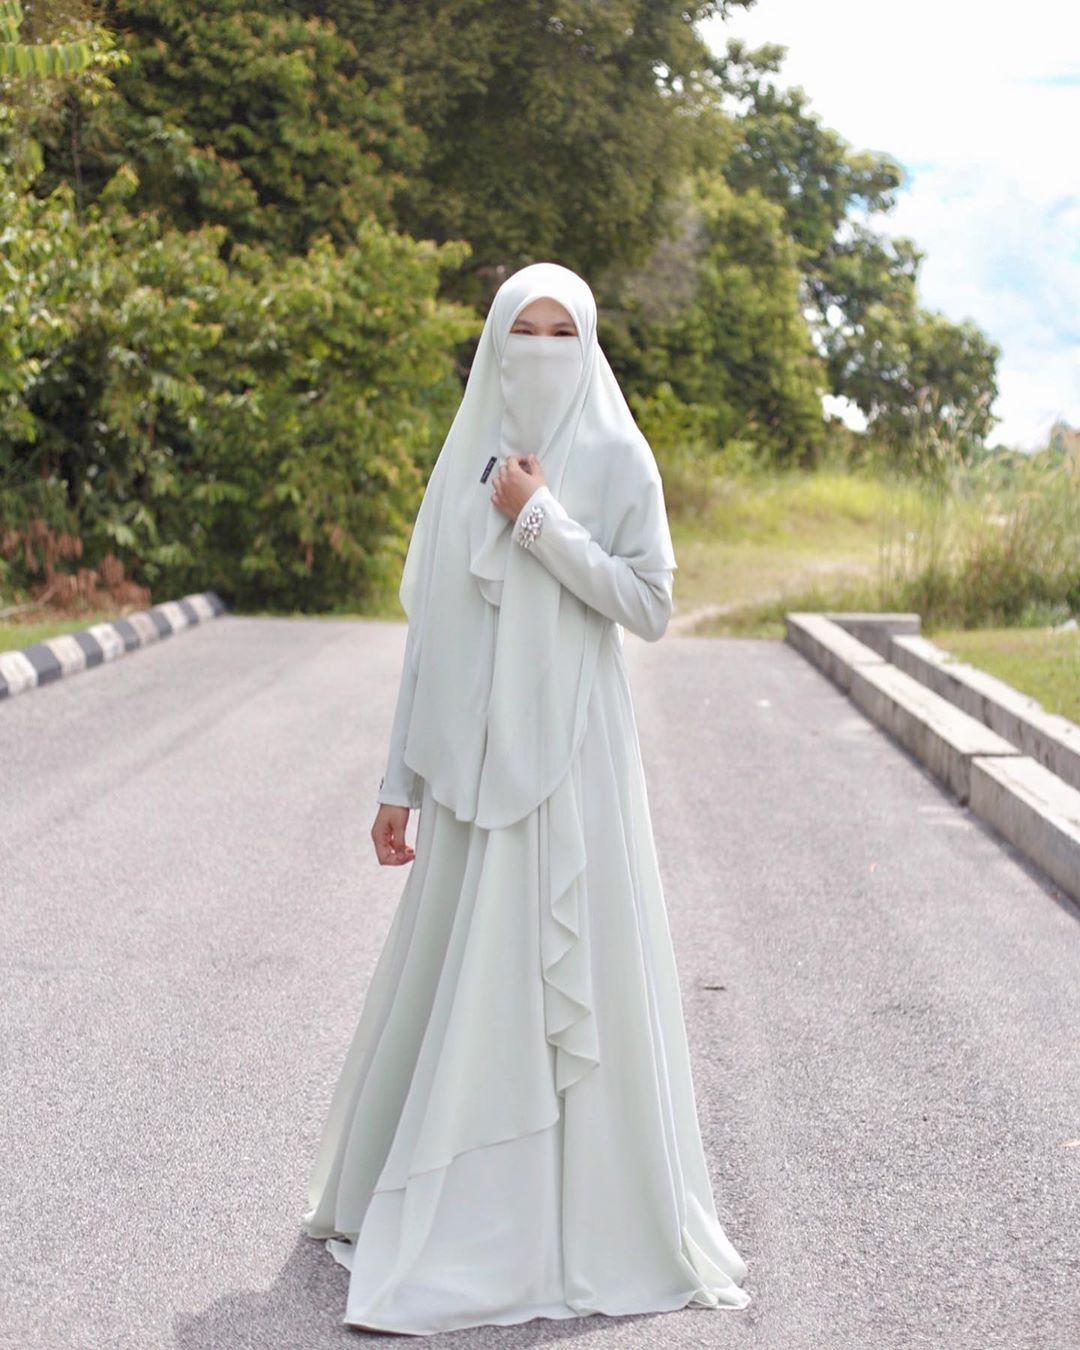 1 173 Likes 382 Comments Jubah Dress Bridal Khimar Zuzasdotes On Instagram Ramai Request Nak Tgk P Niqab Fashion Hijab Fashion Muslim Fashion Outfits